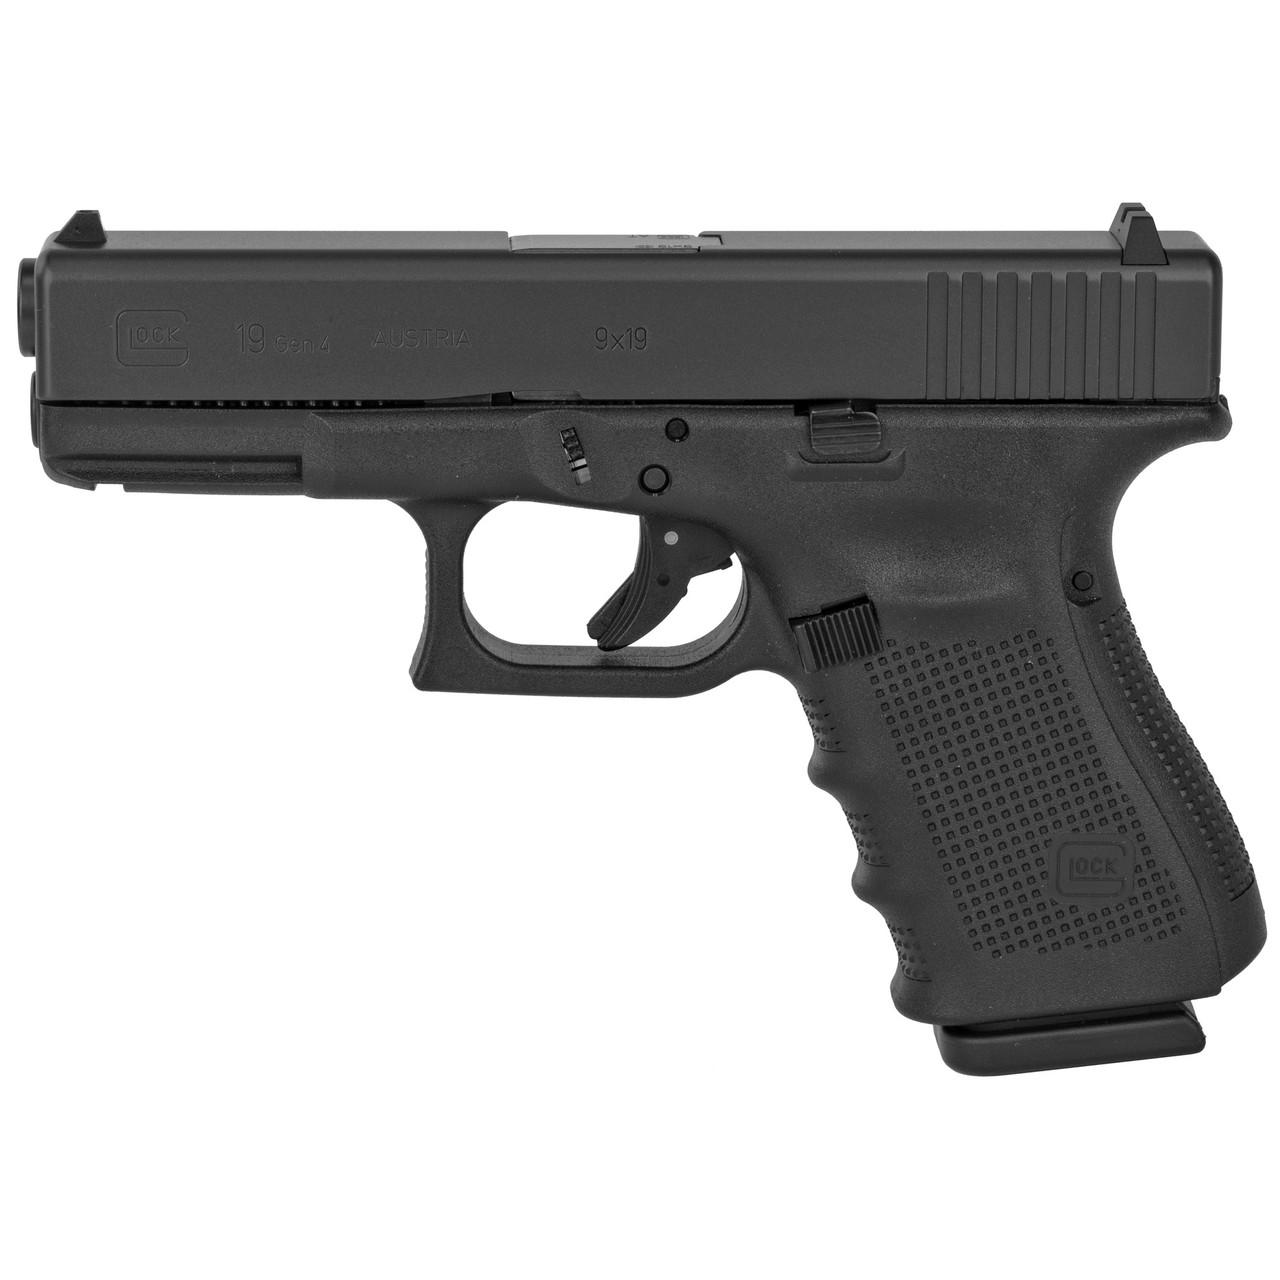 Glock 19 Gen4 9mm 15rd 3 Mags PG1950203 764503692031